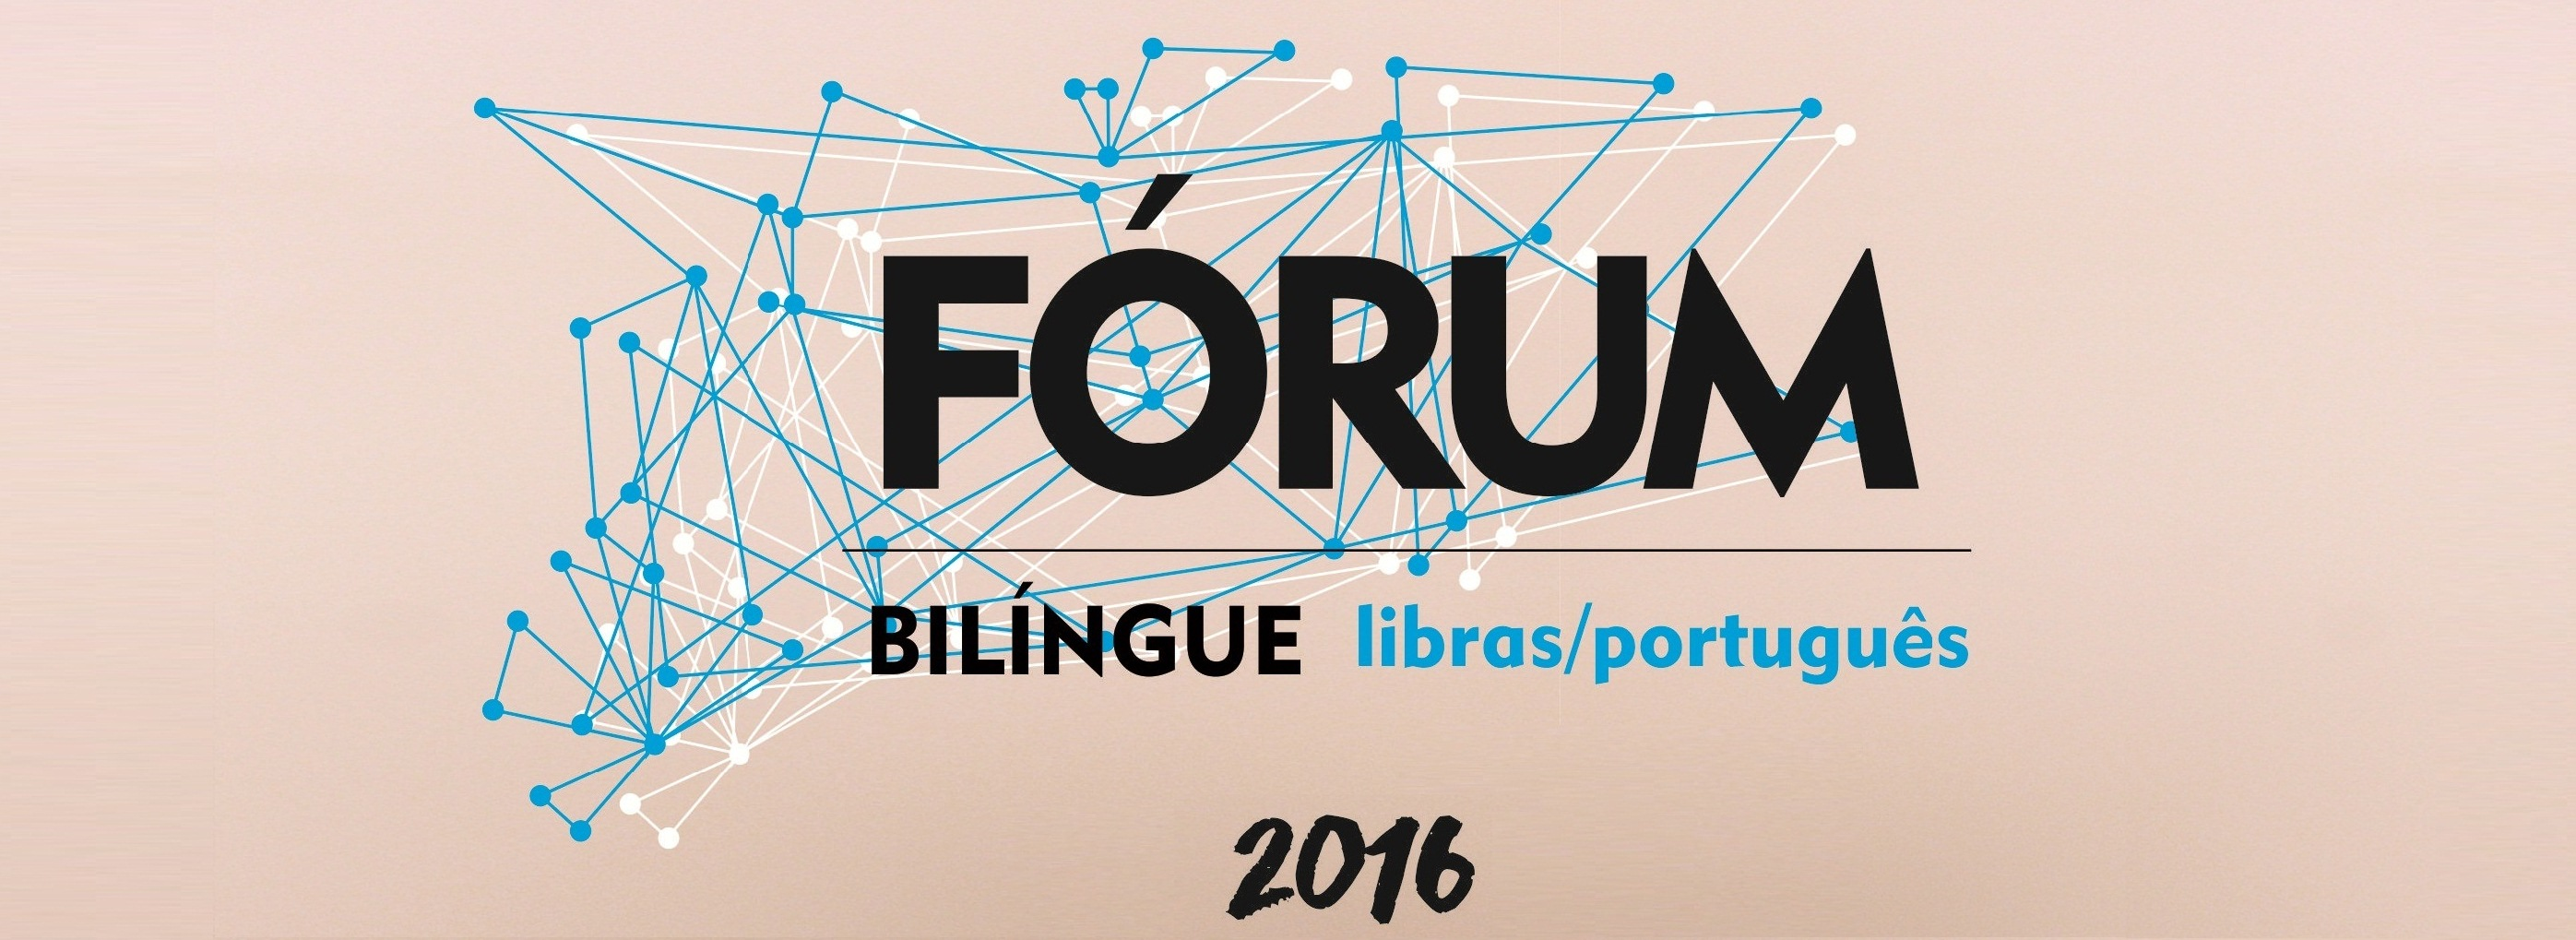 Fórum Bilíngue de julho aceita trabalhos até dia 4